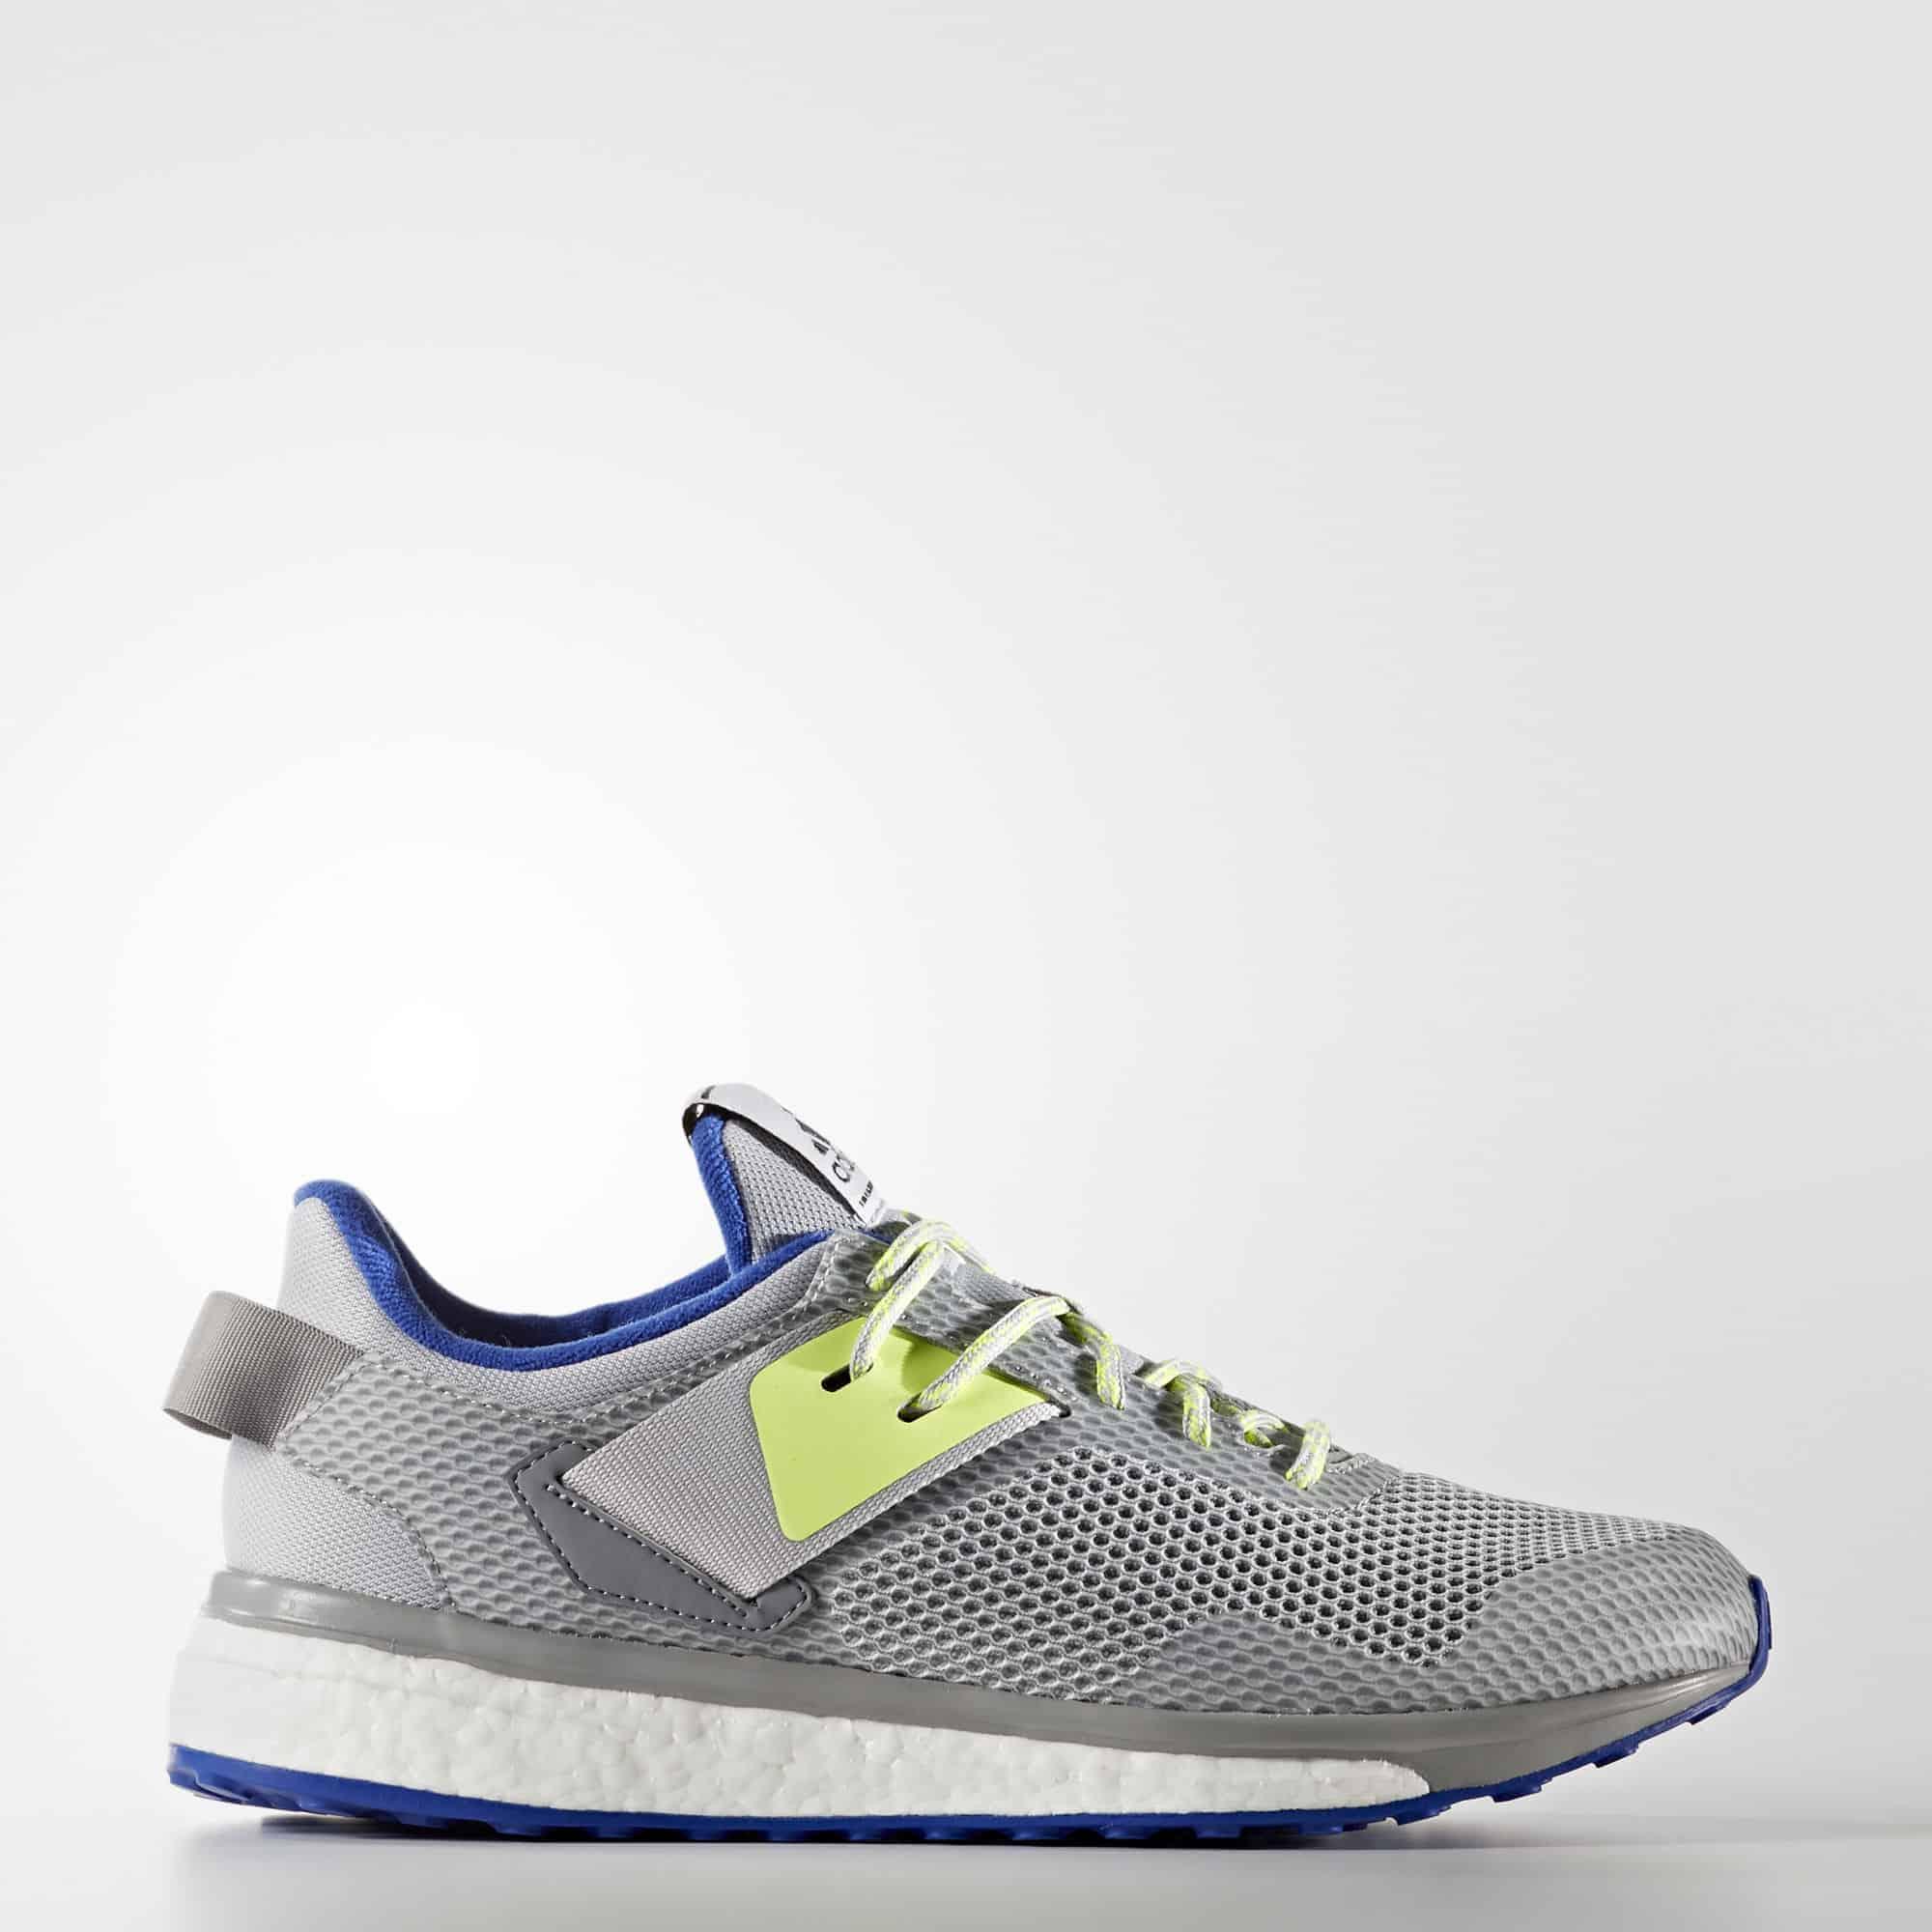 Кроссовки для бега Adidas Response 3 мужские